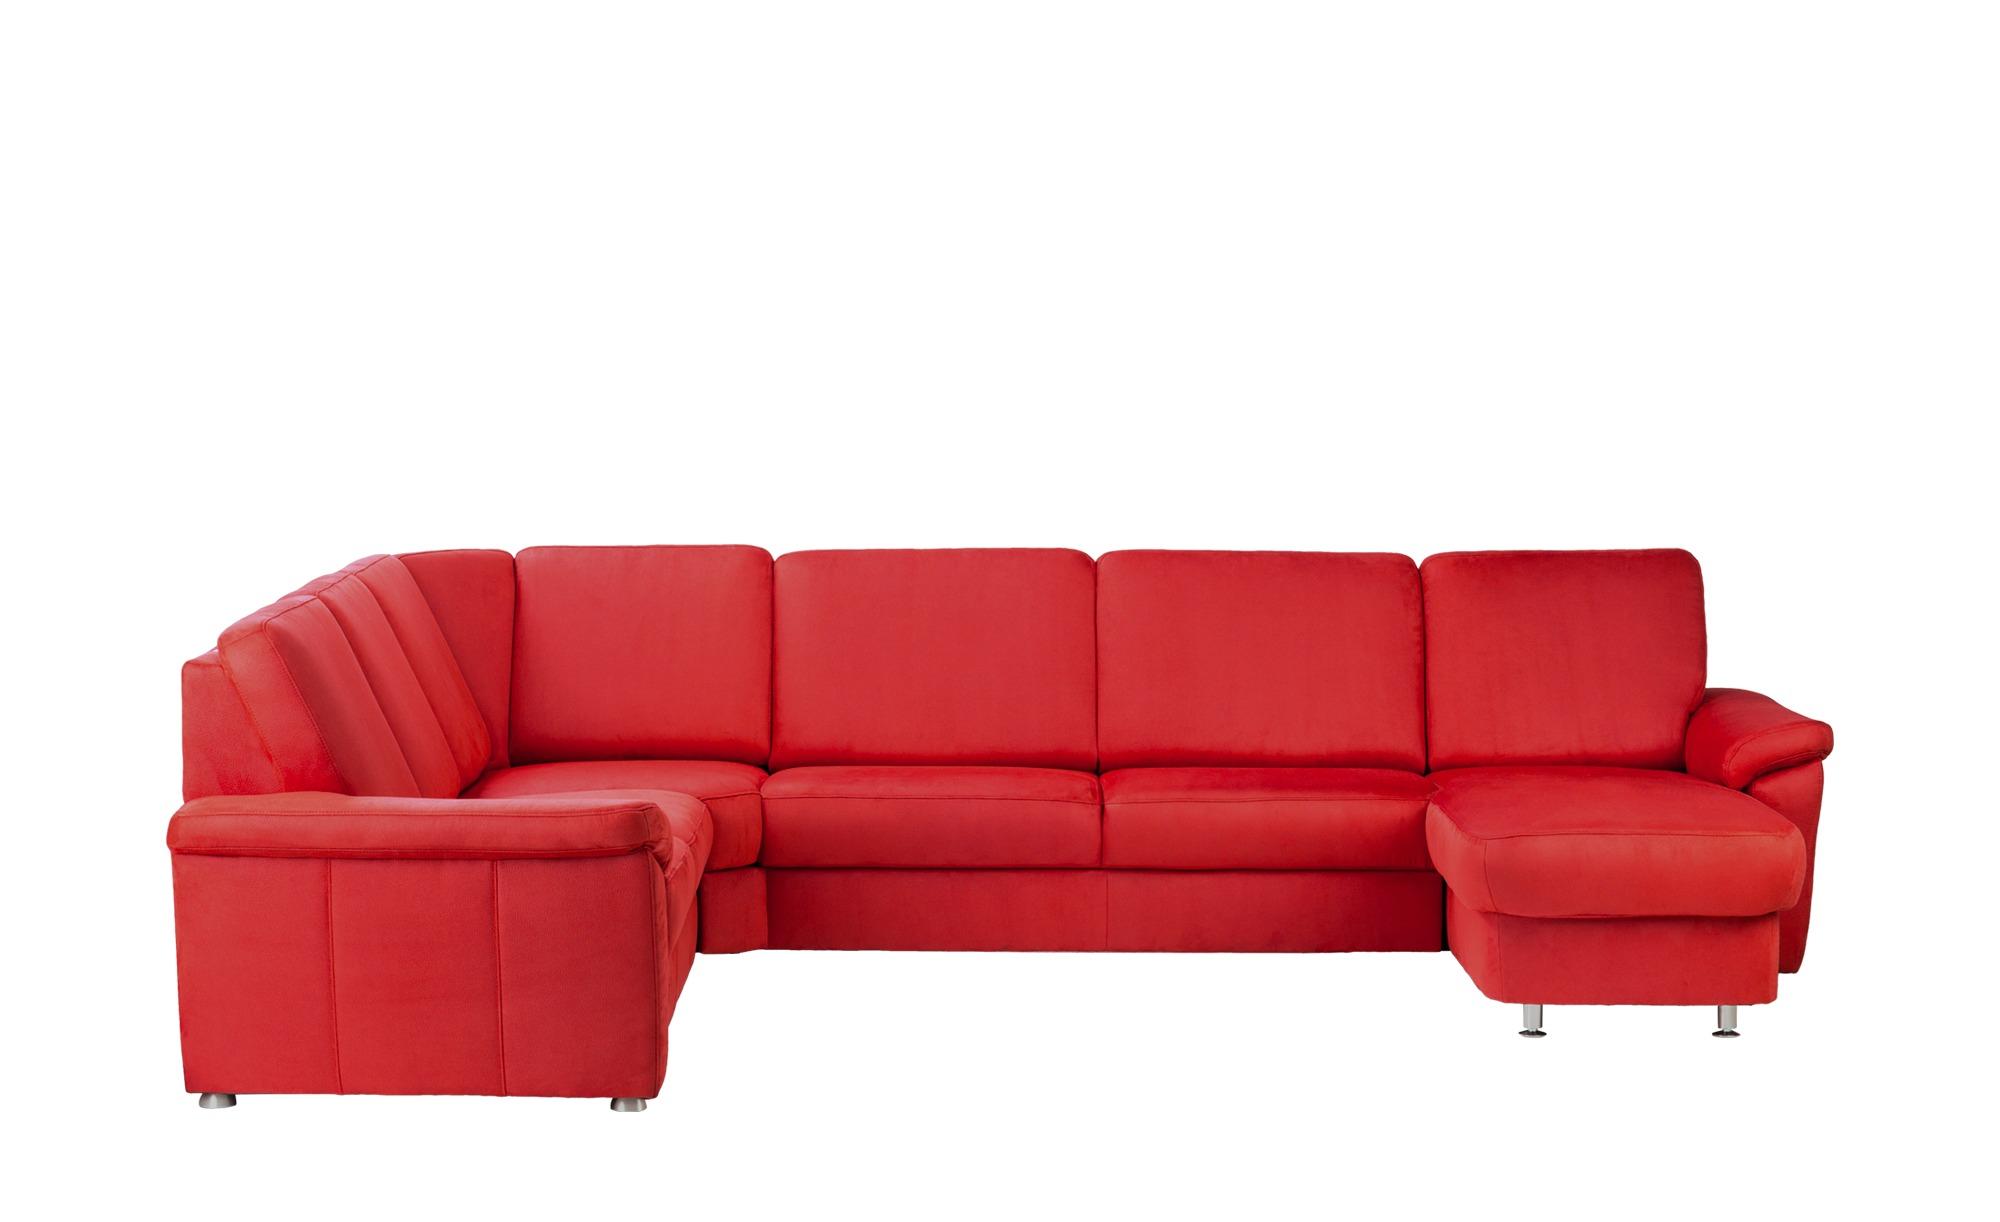 Mein Sofa Hersteller : meinsofa wohnlandschaft rita breite h he 91 cm rot online kaufen bei woonio ~ Watch28wear.com Haus und Dekorationen